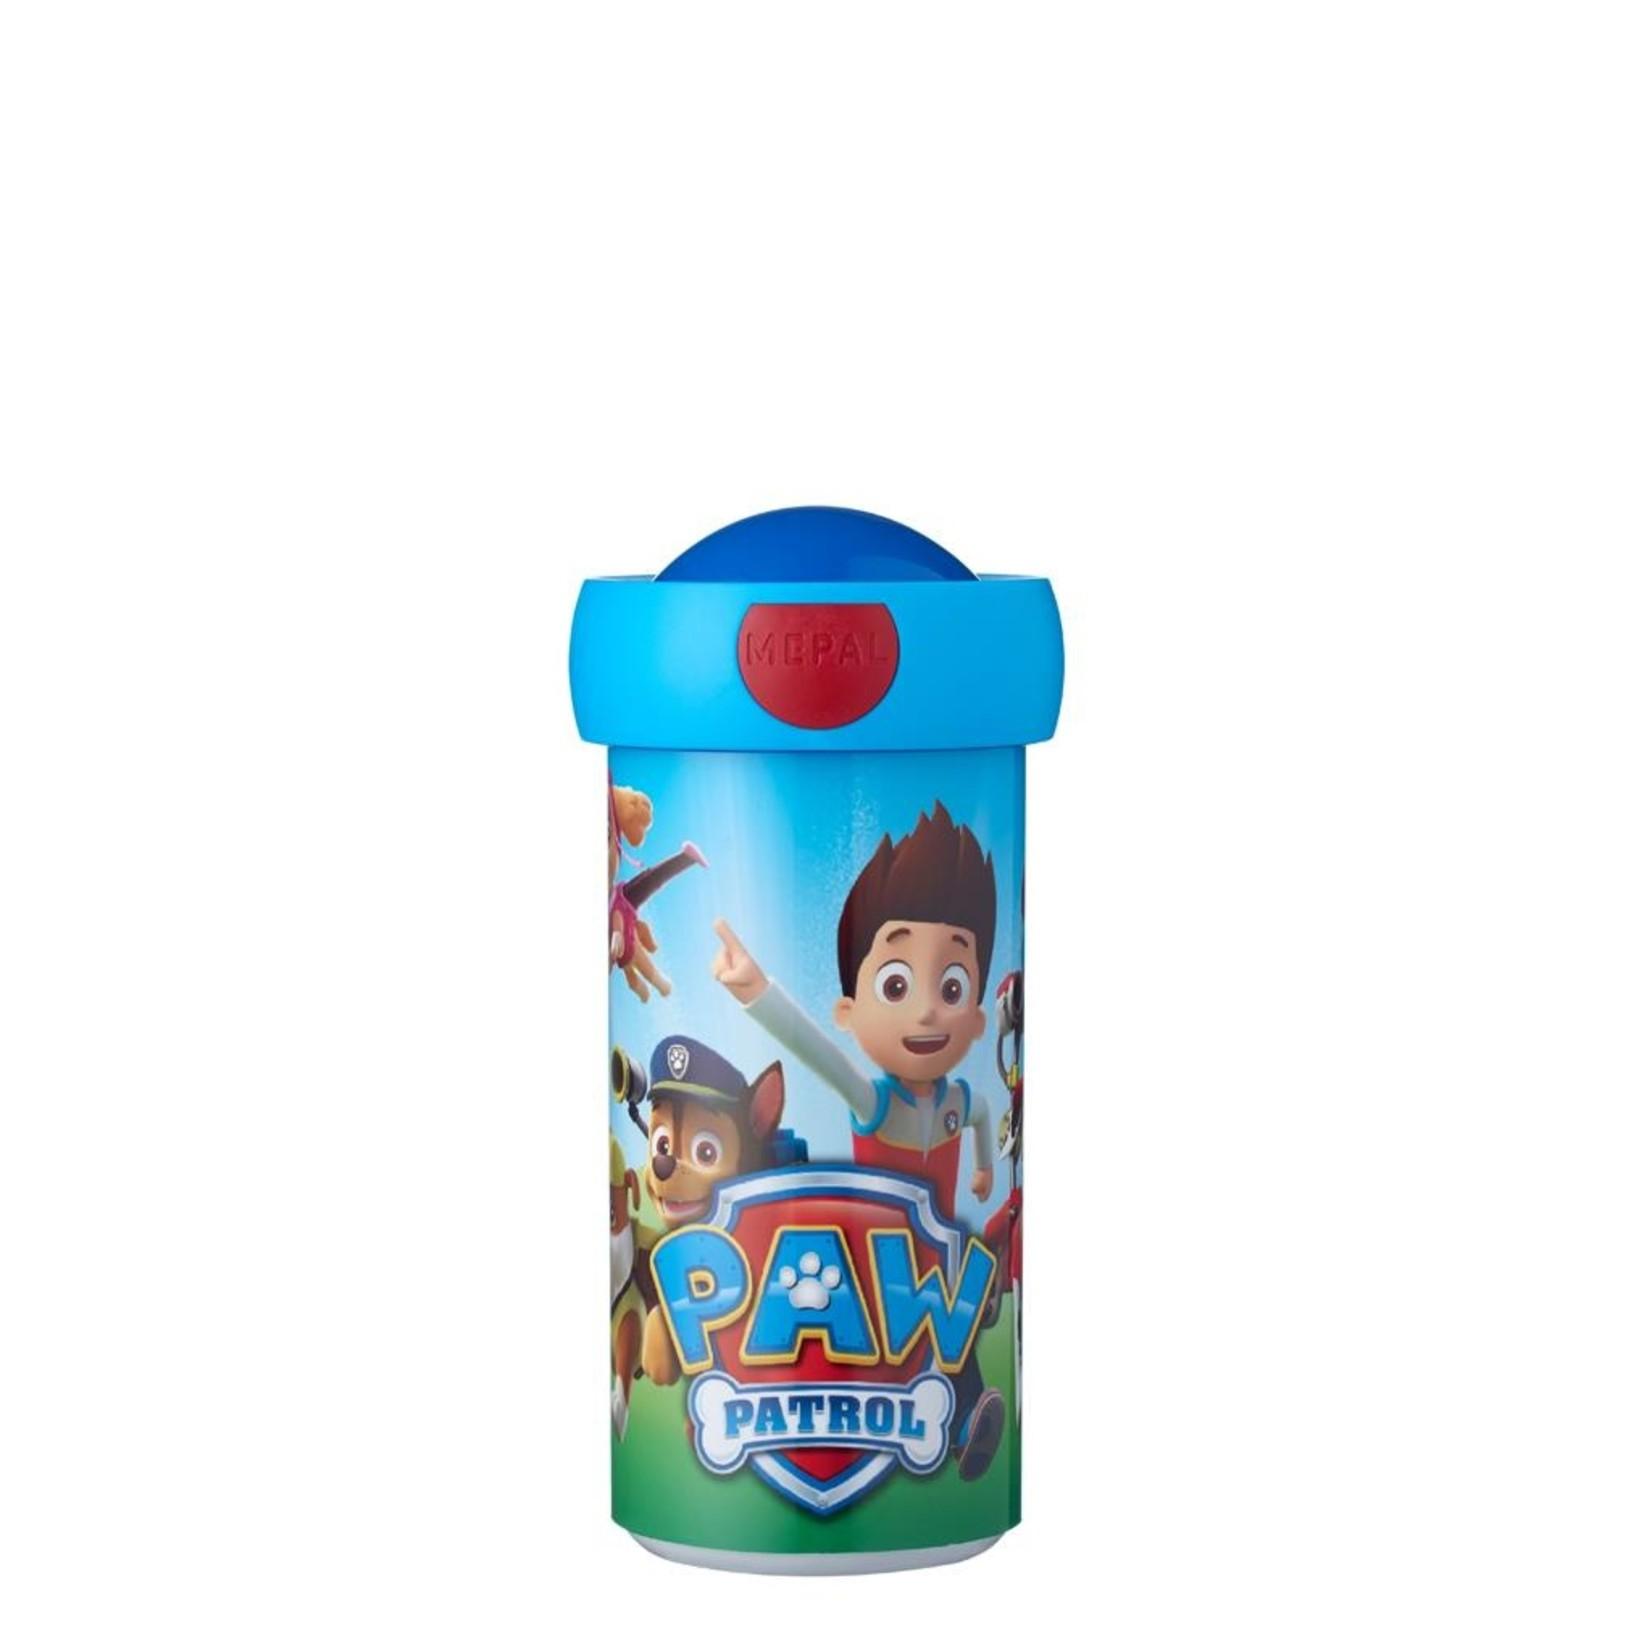 Mepal Paw Patrol Drinkbeker - Mepal